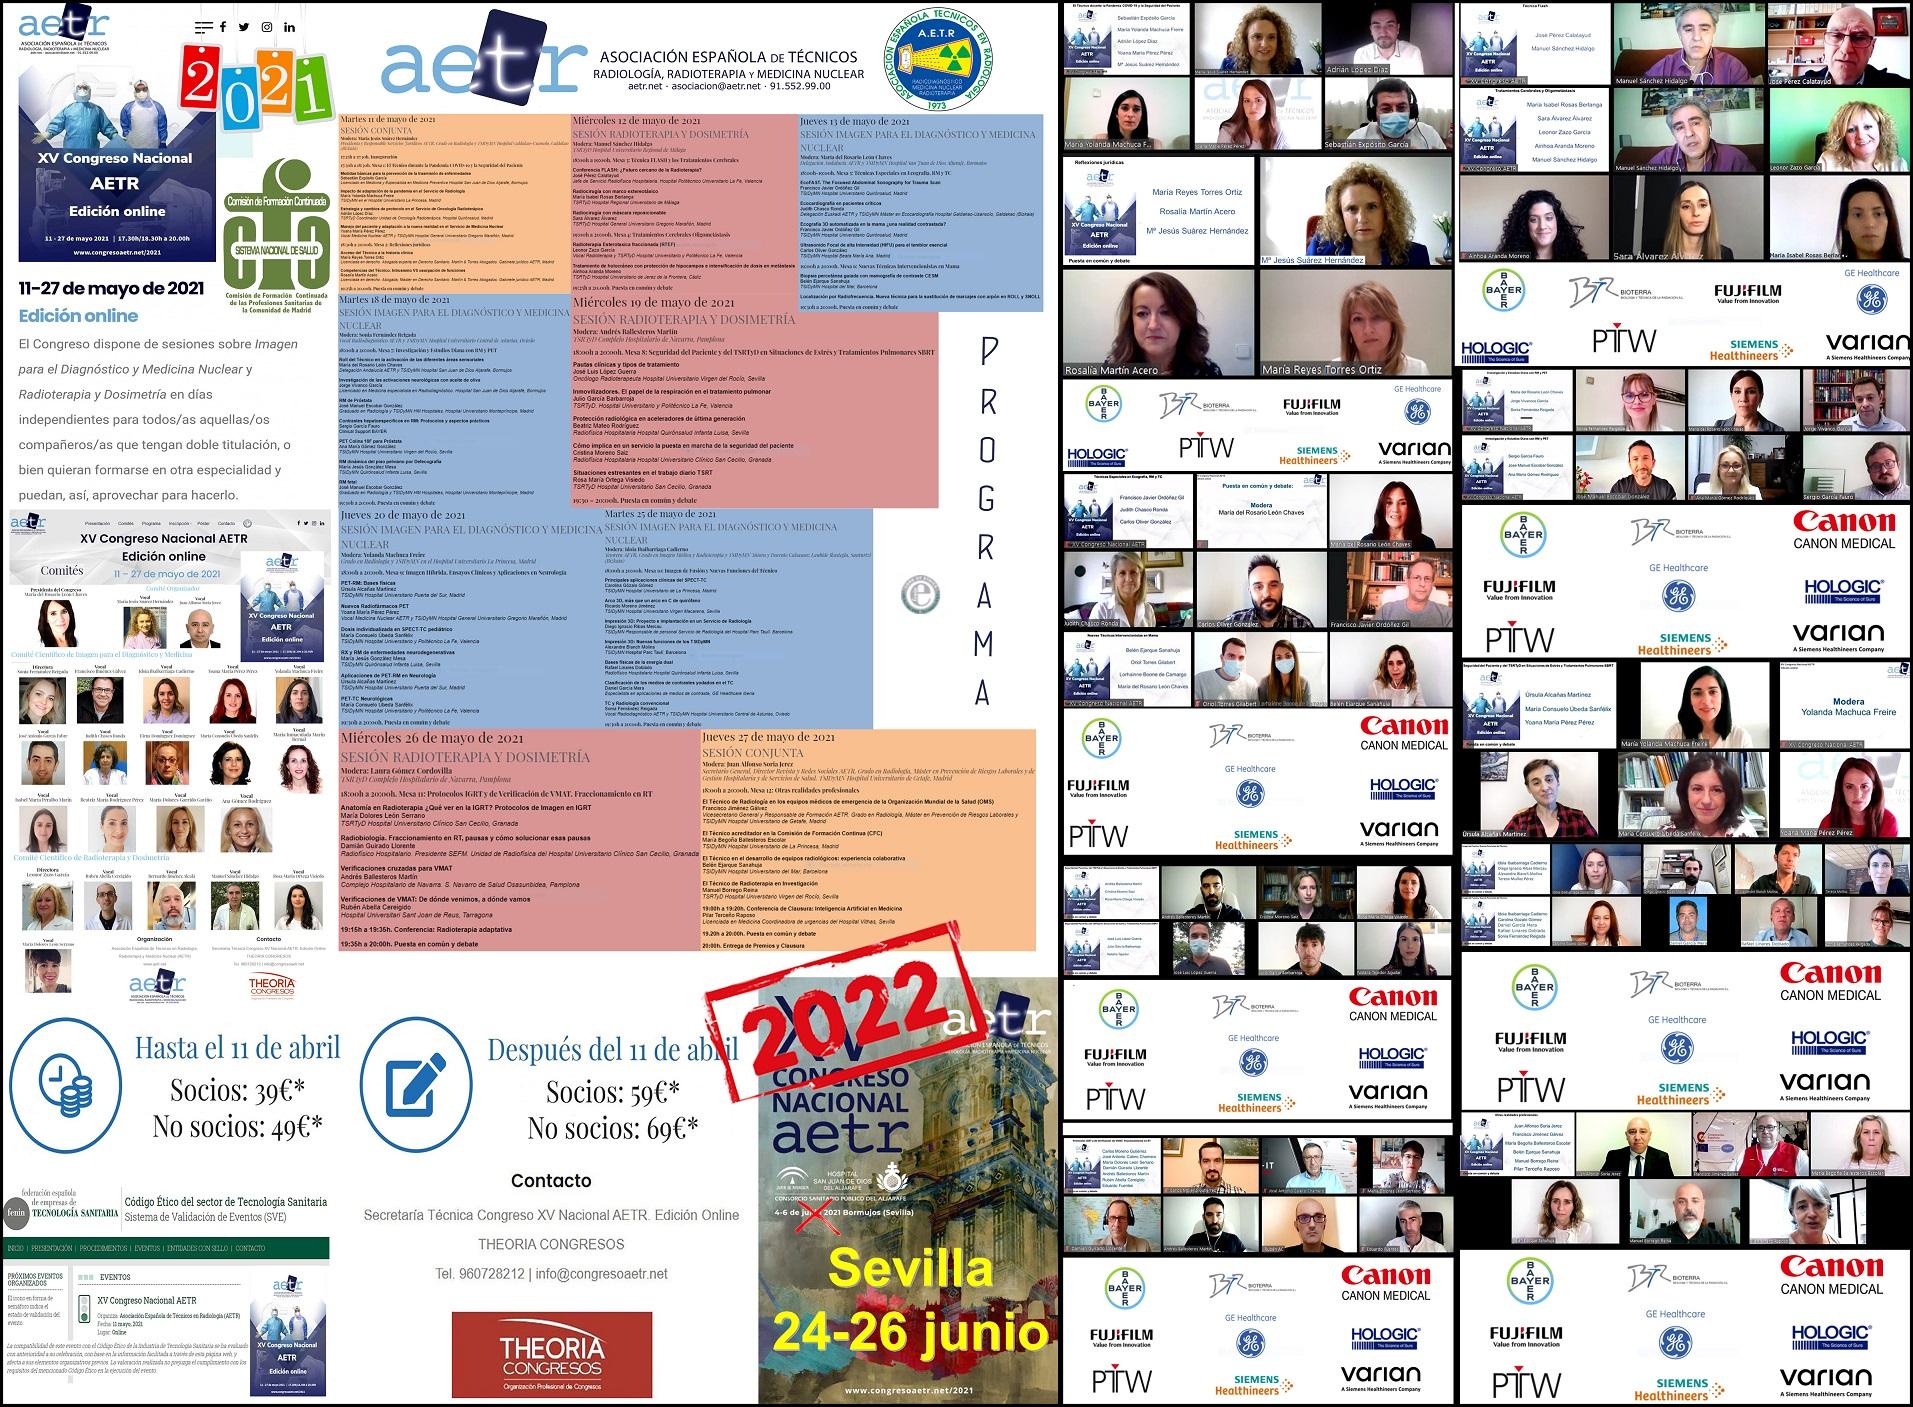 Finalizado el XV Congreso Nacional de AETR 2021 Edición Online